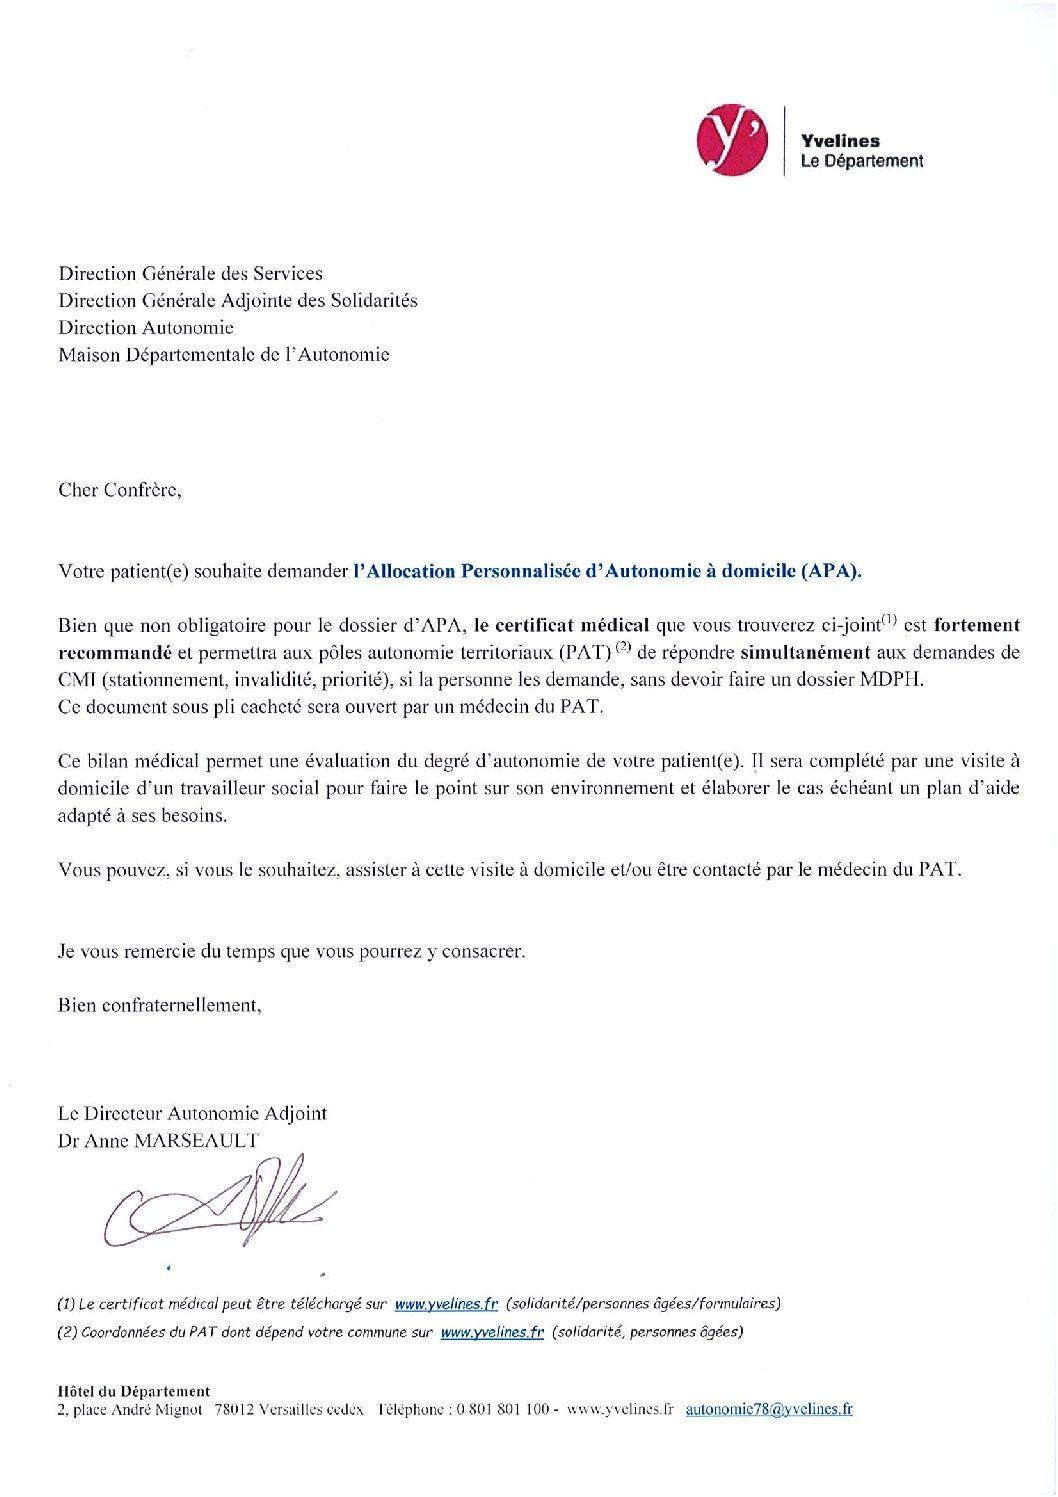 La Lettre D Accompagnement D Une Demande De Certificat Medical Pour L Apa Conseil Departemental Des Yvelines